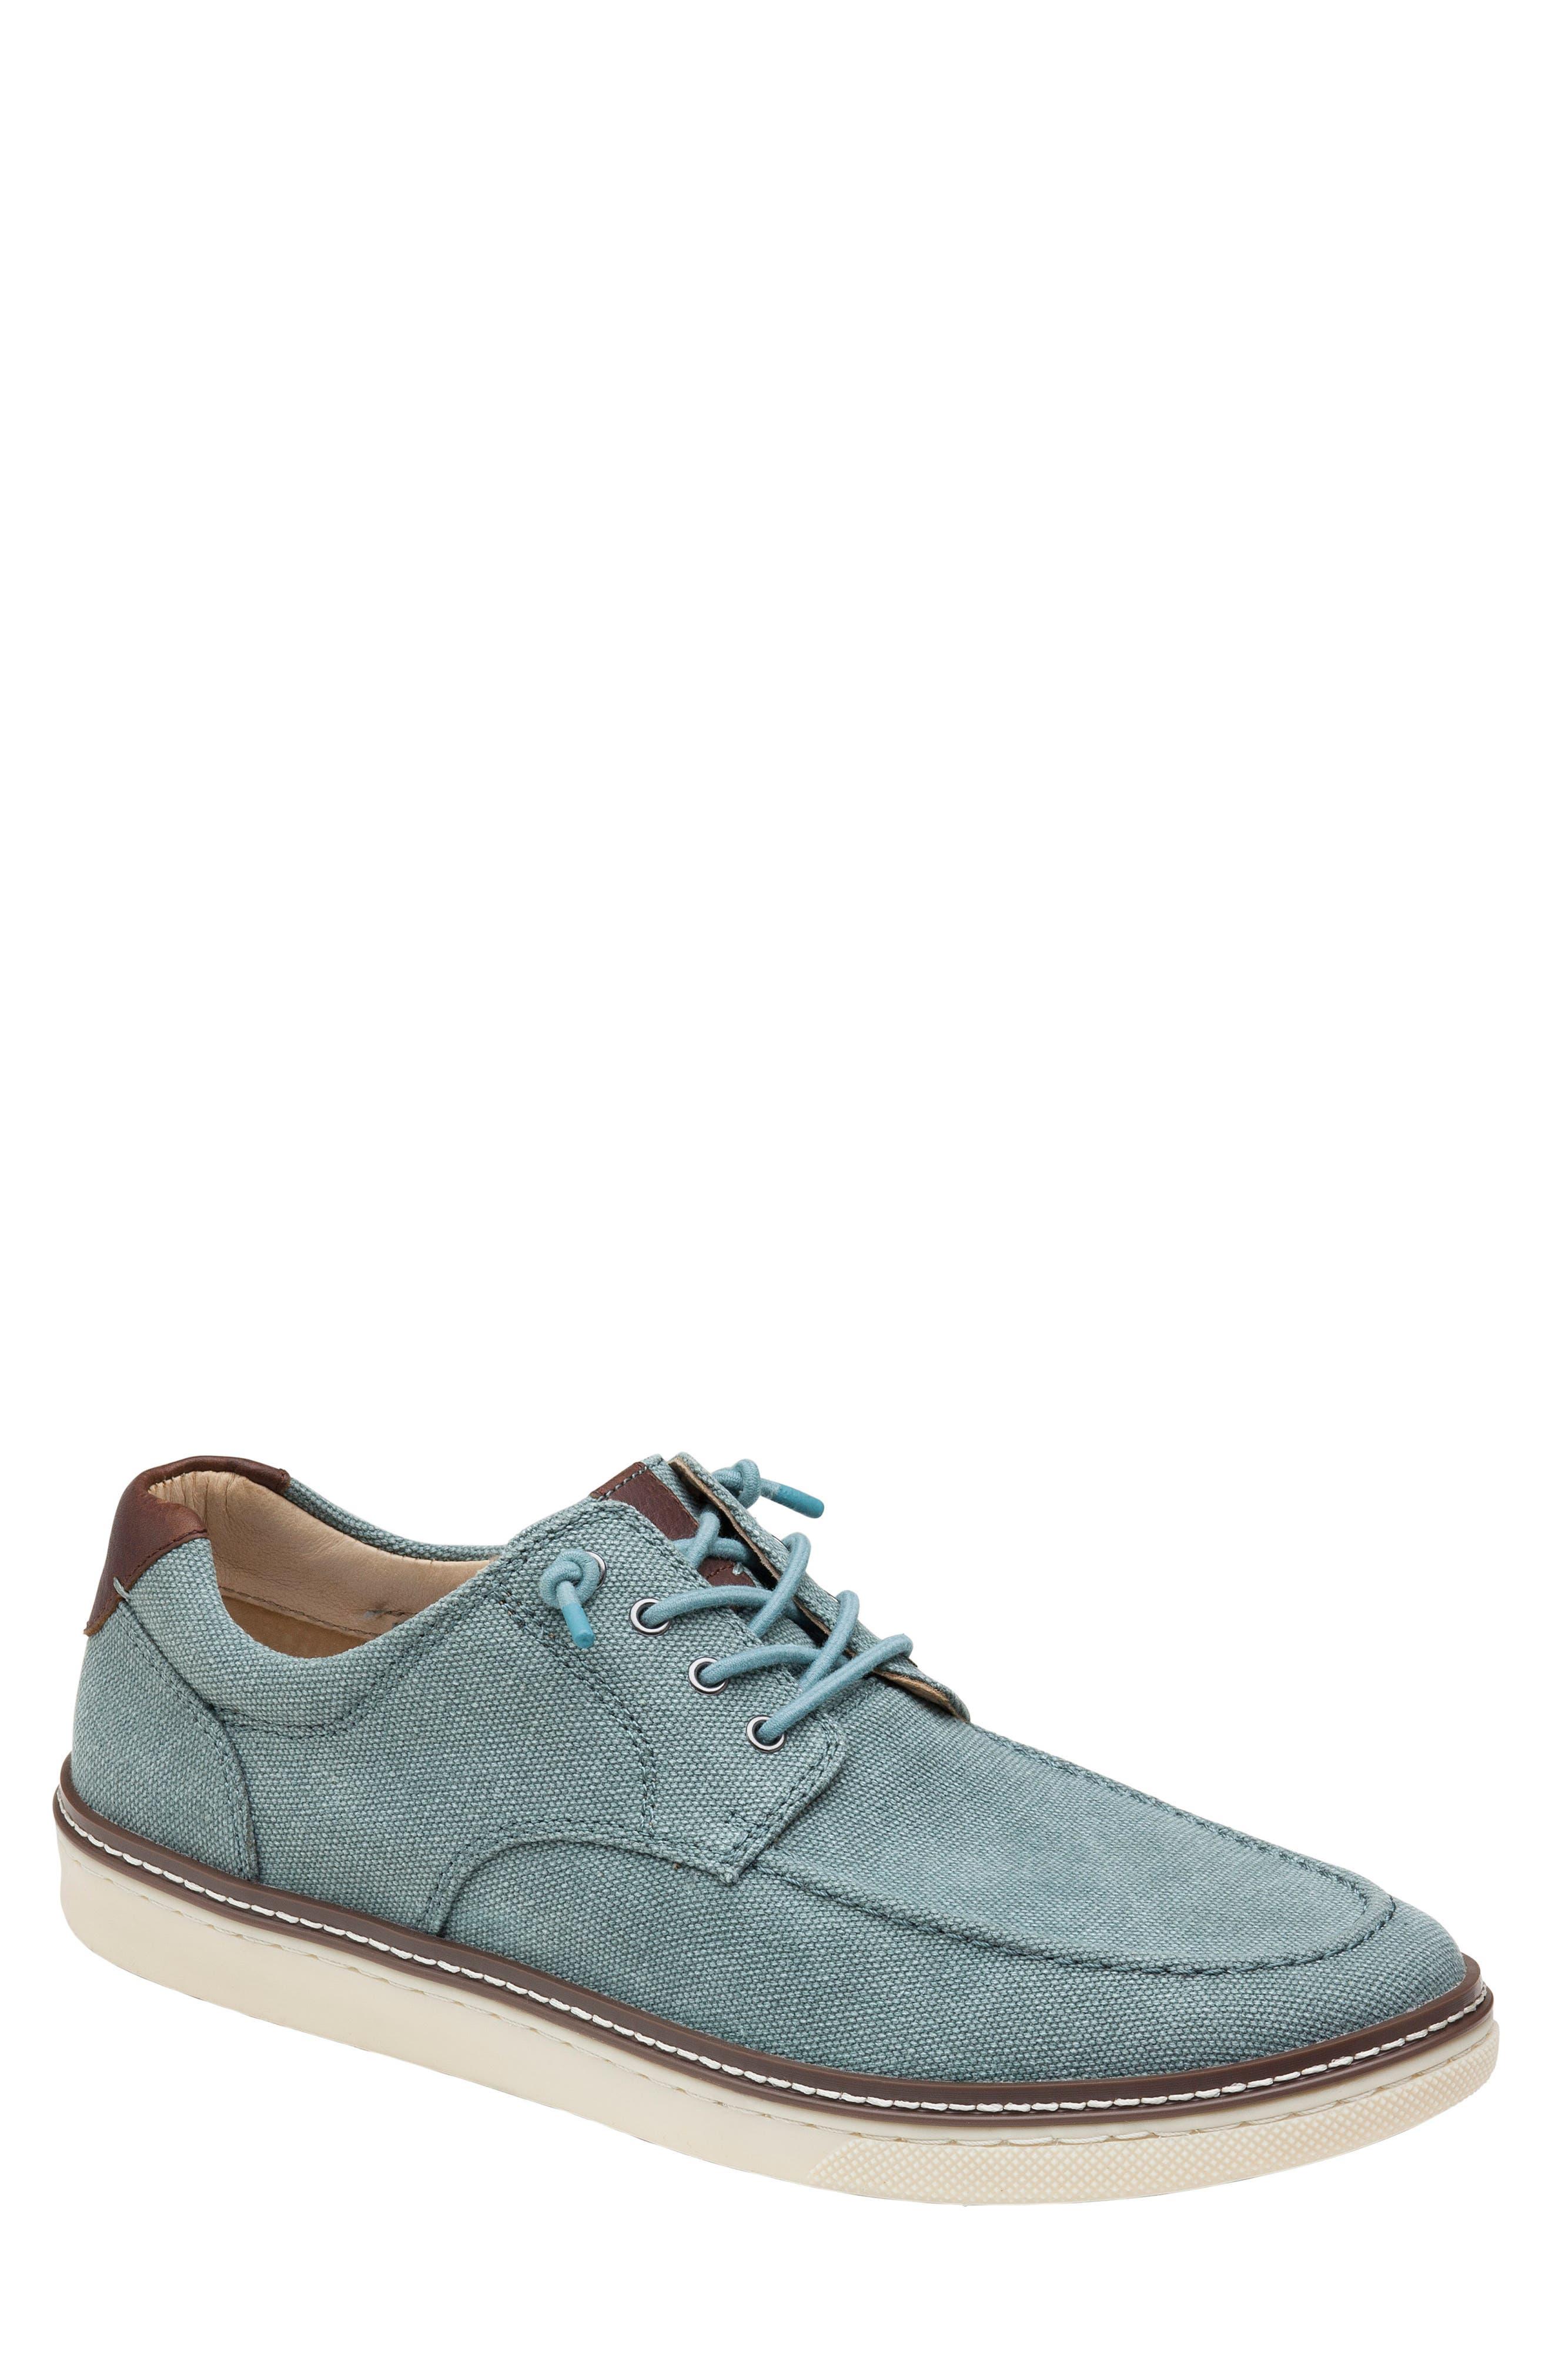 Mcguffey Moc Toe Sneaker